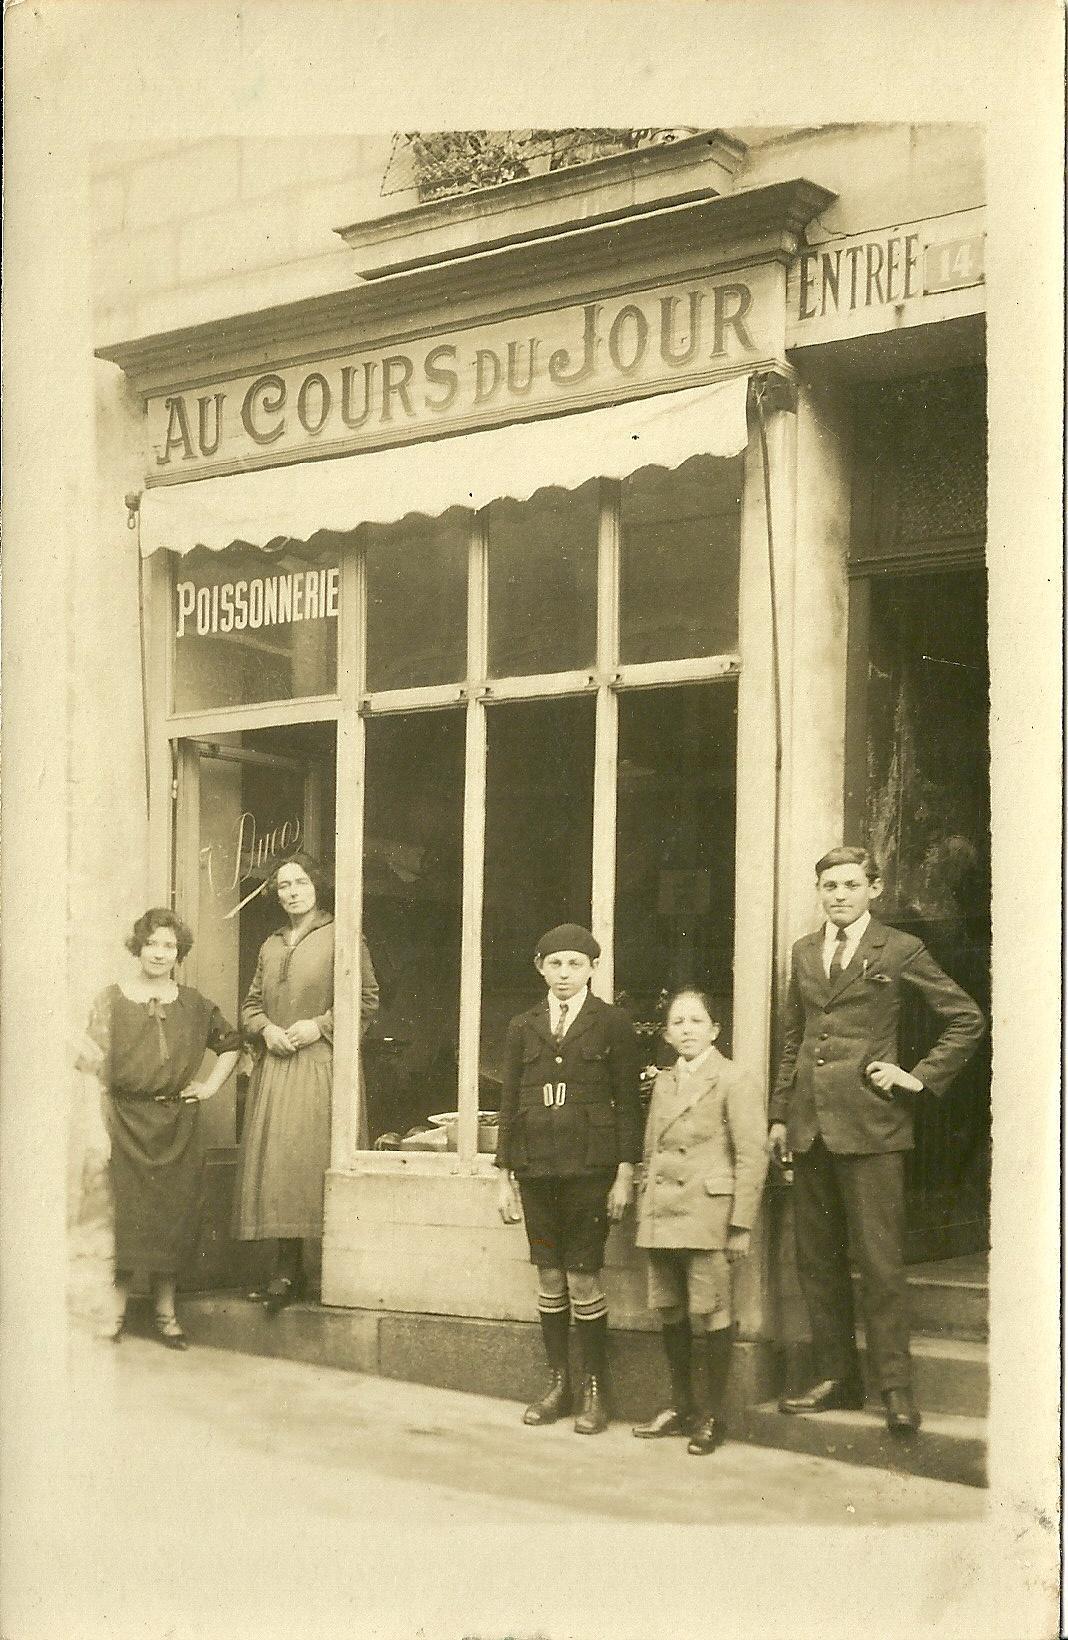 Croix-de-Vie, poissonnerie famille Ducos.